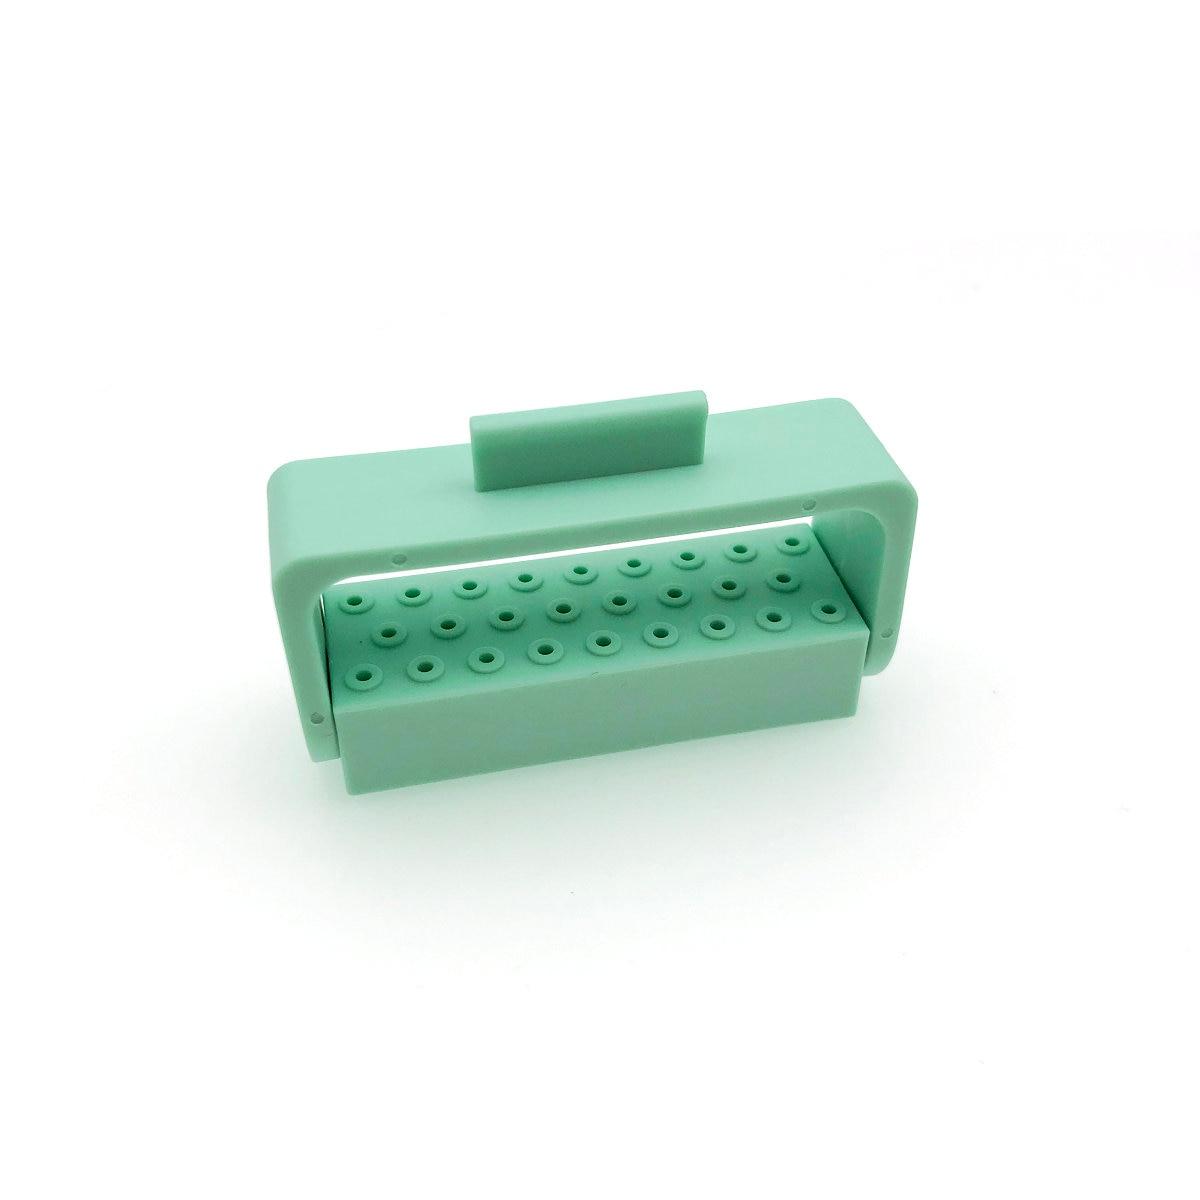 1 Pc Dental Bur Halter 26 Löcher Dental Diamant Bur Halter Stehen Für Hohe Geschwindigkeit Diaomond Burs Autoklav Sterilisator Fall